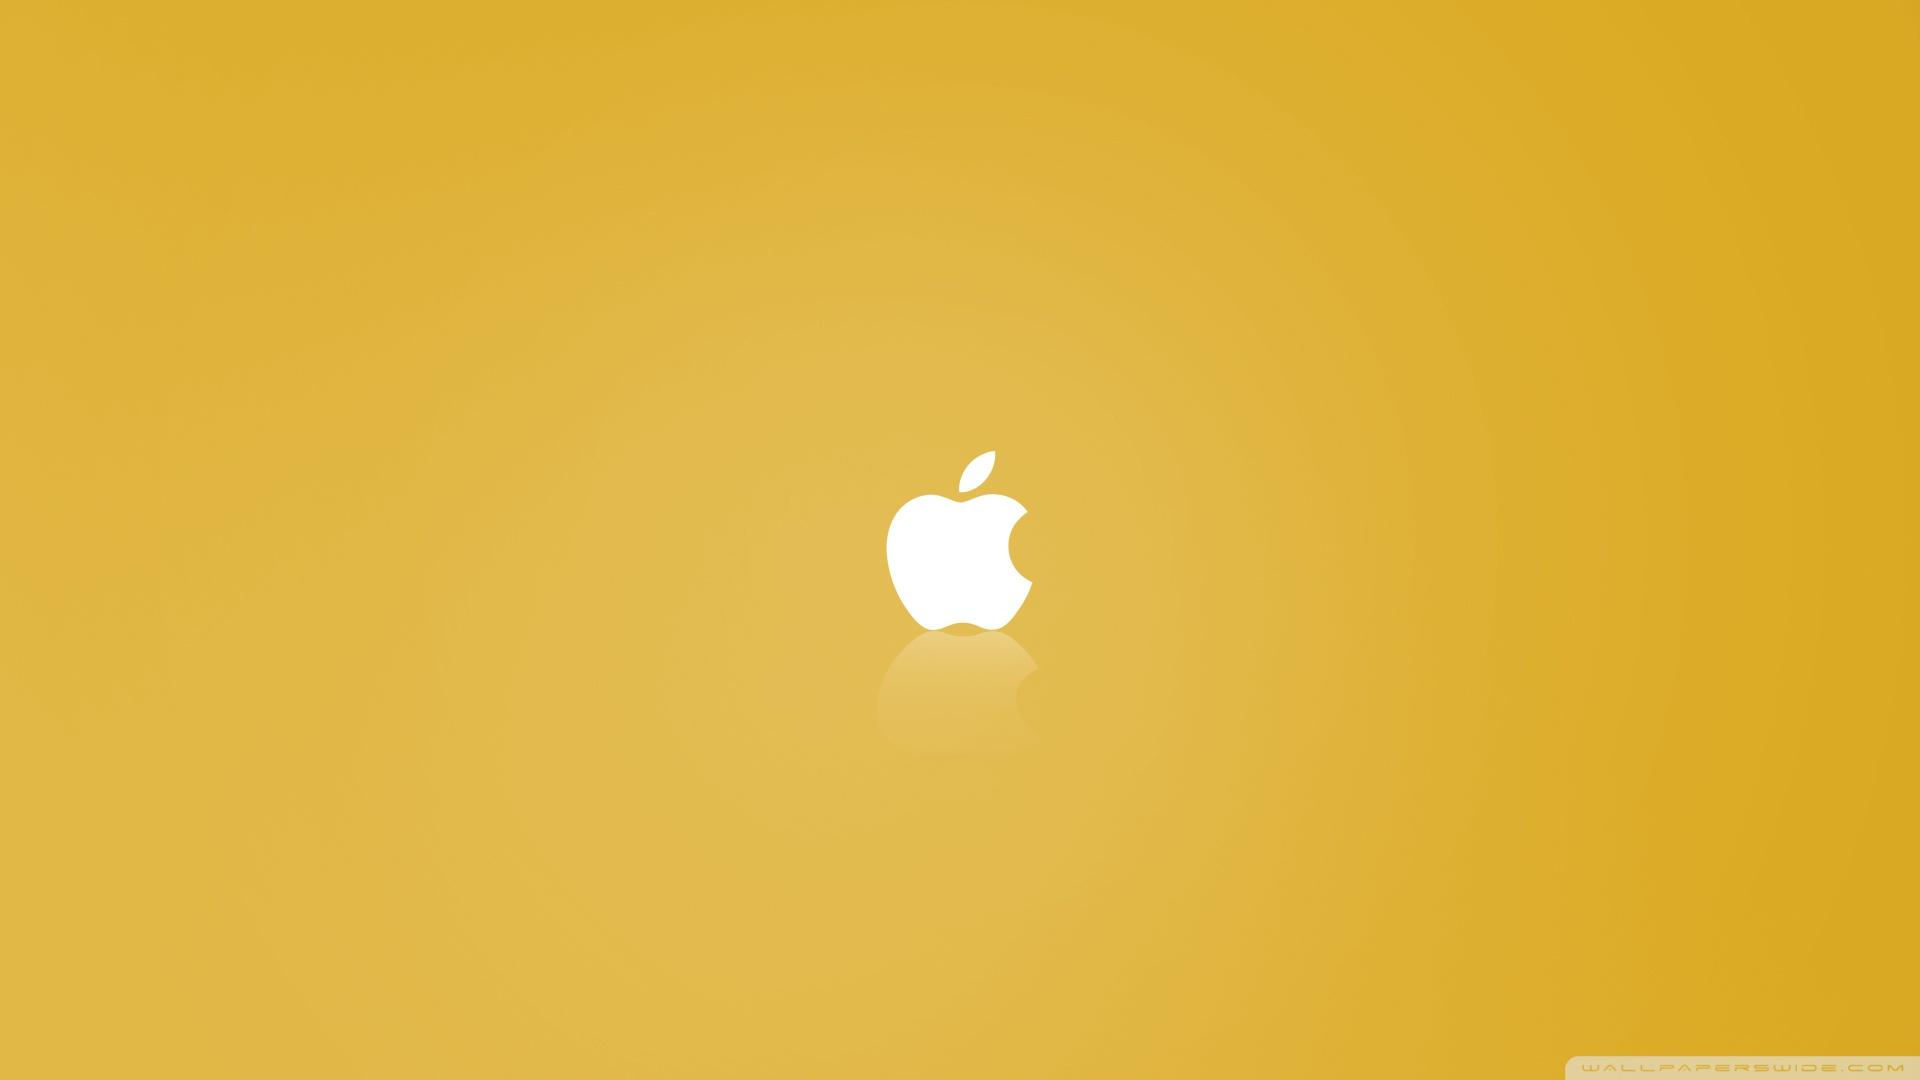 Hình nền màu vàng quả táo cắn dở